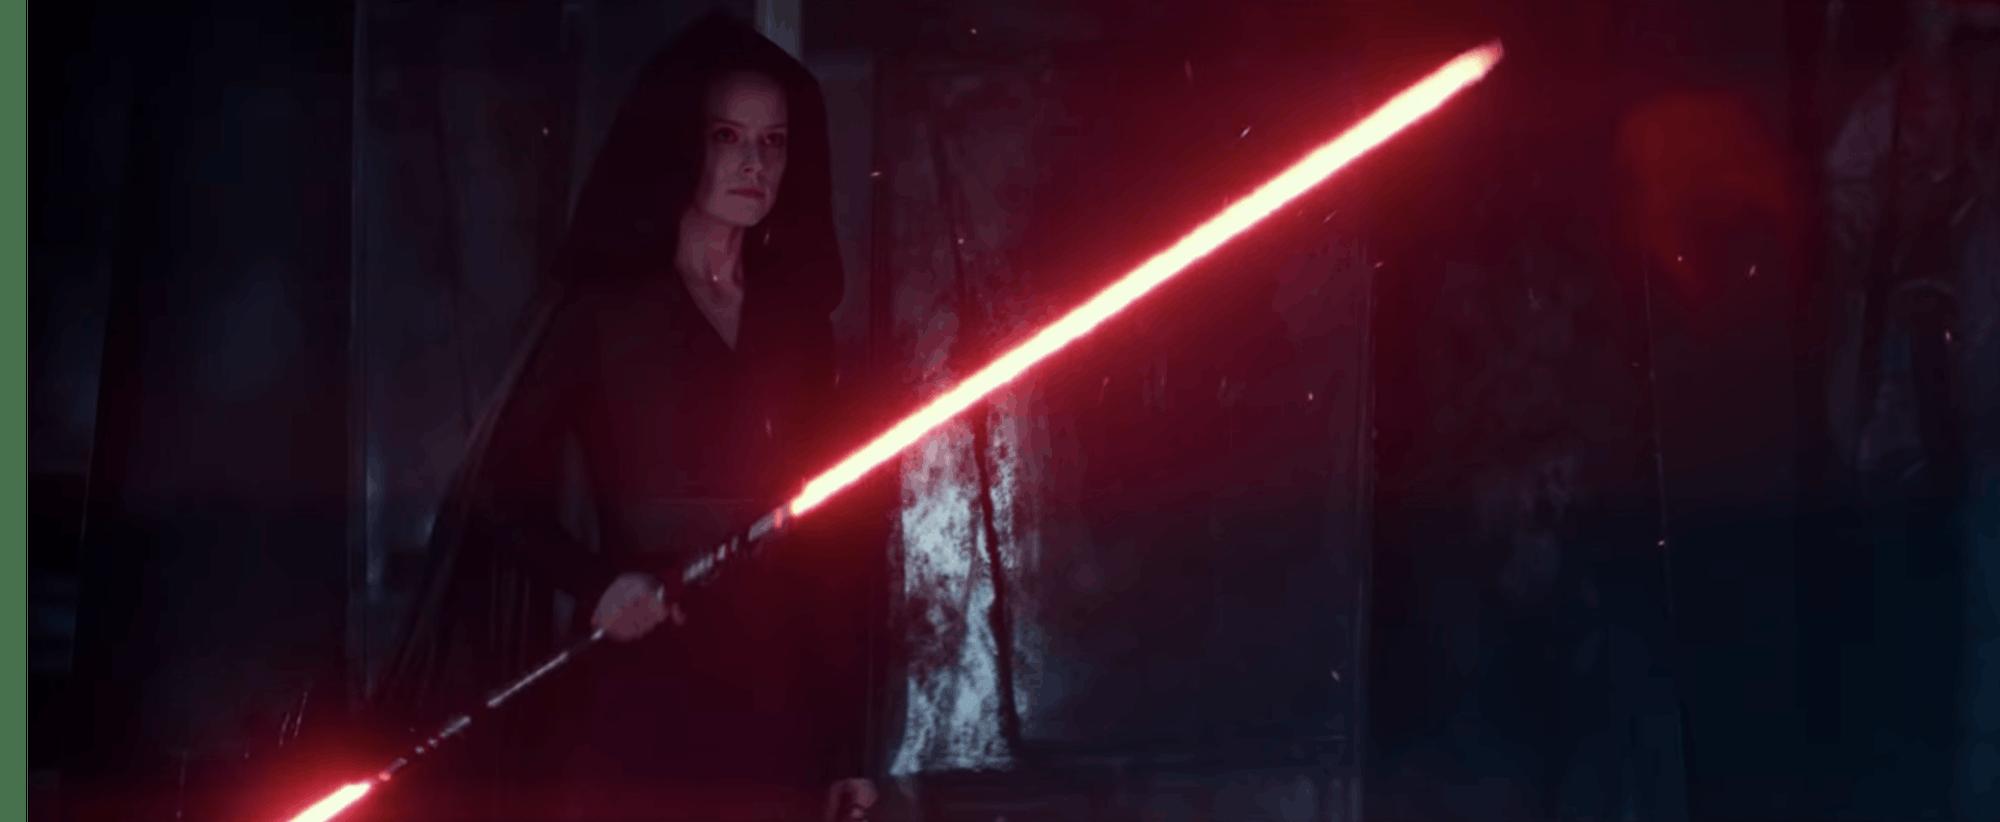 Star Wars 9 Dark Rey Red Lightsaber